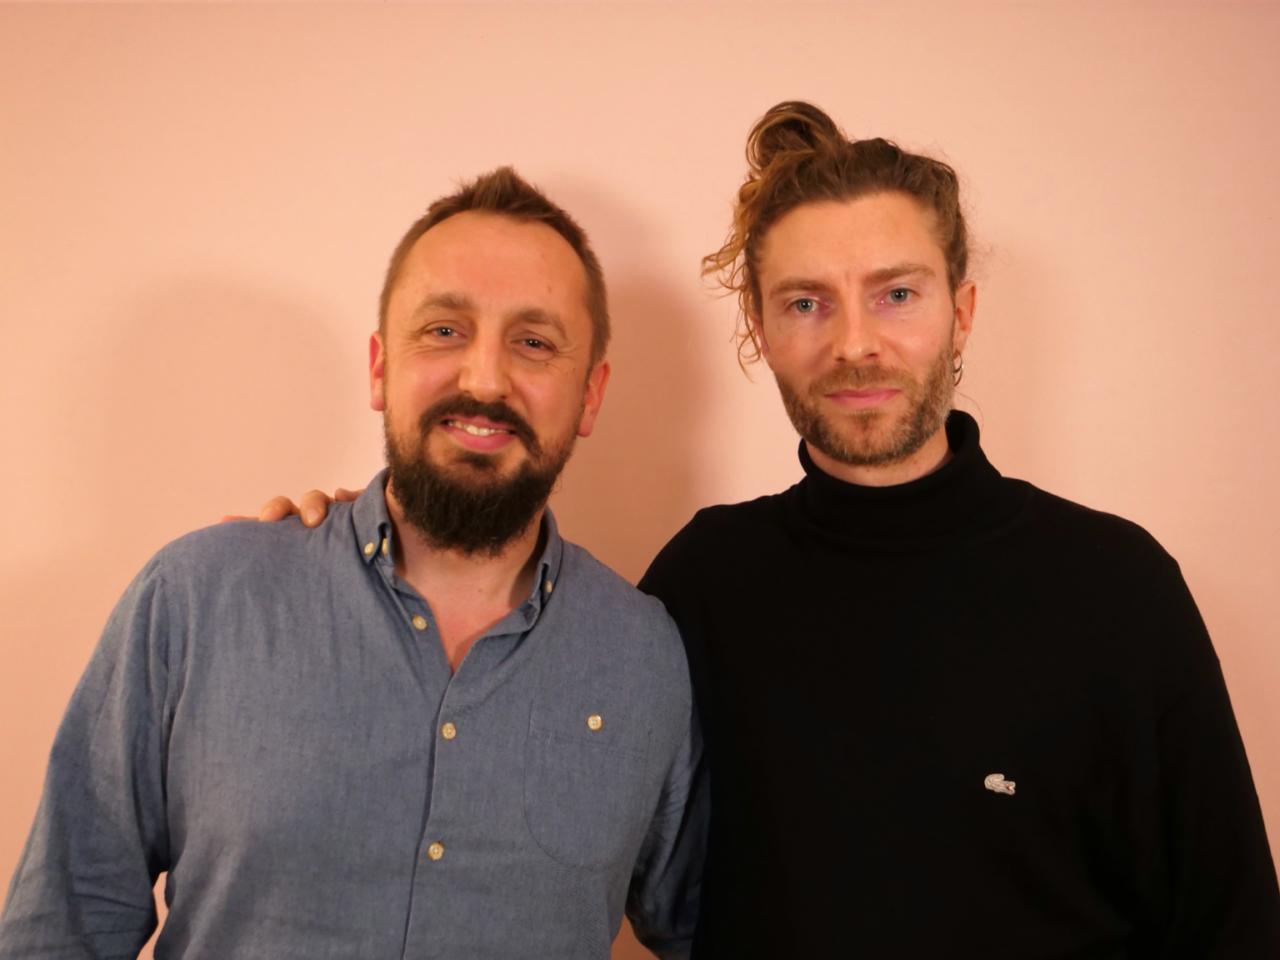 Bo Nordstrøm Weile og Jesper Vestergaard Larsen til Storydays